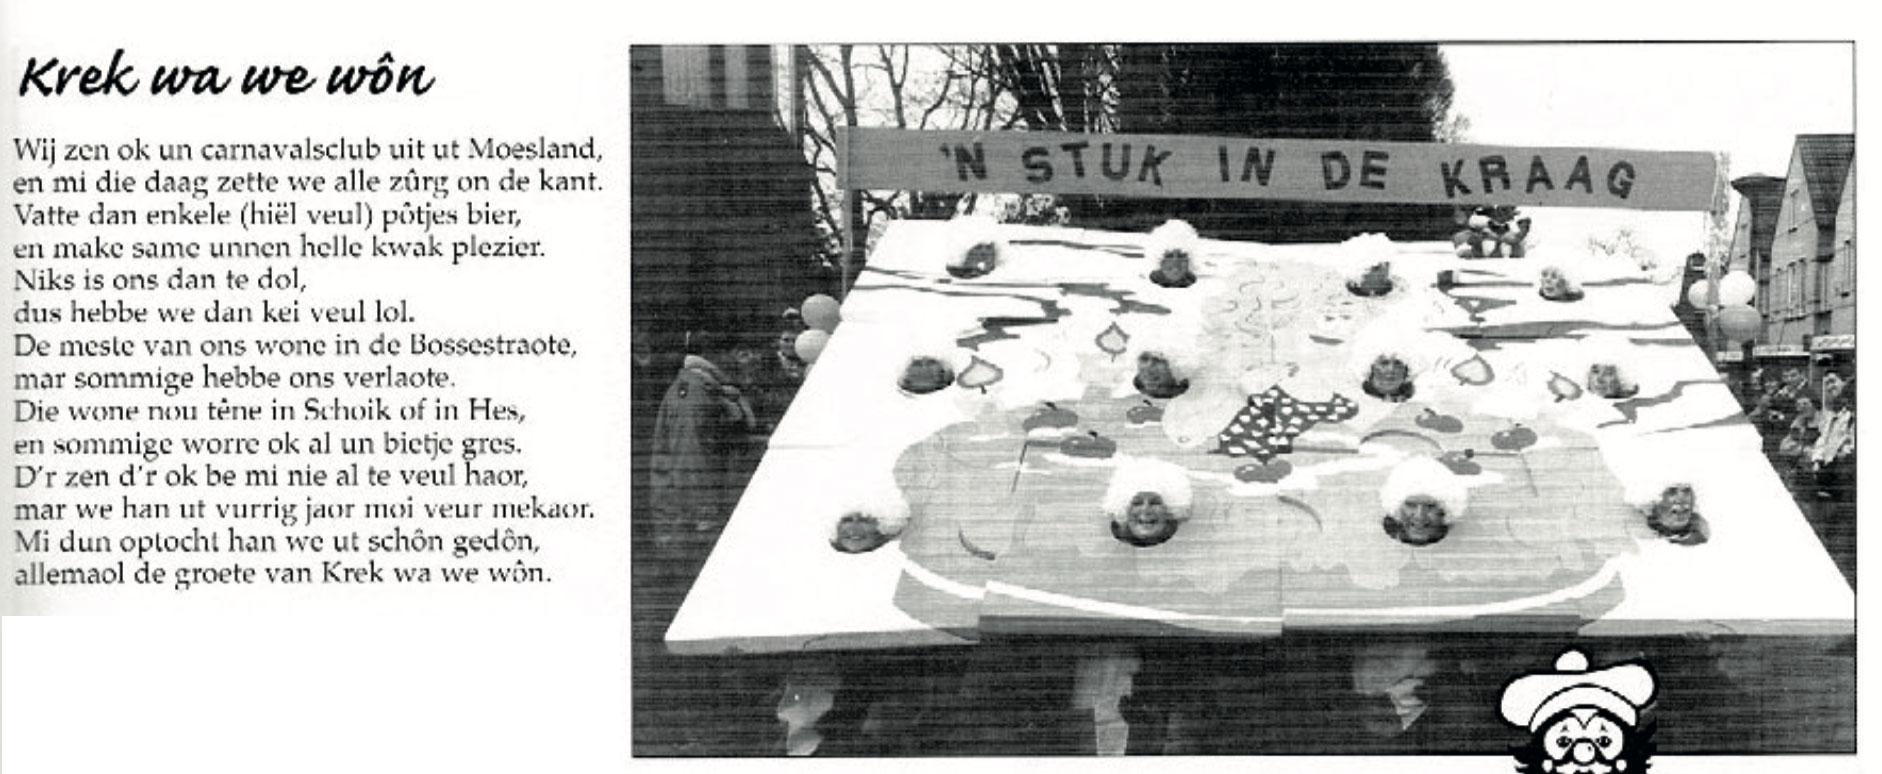 Stukje uit de carnavalskrant van Krek Wa We Won - 1999